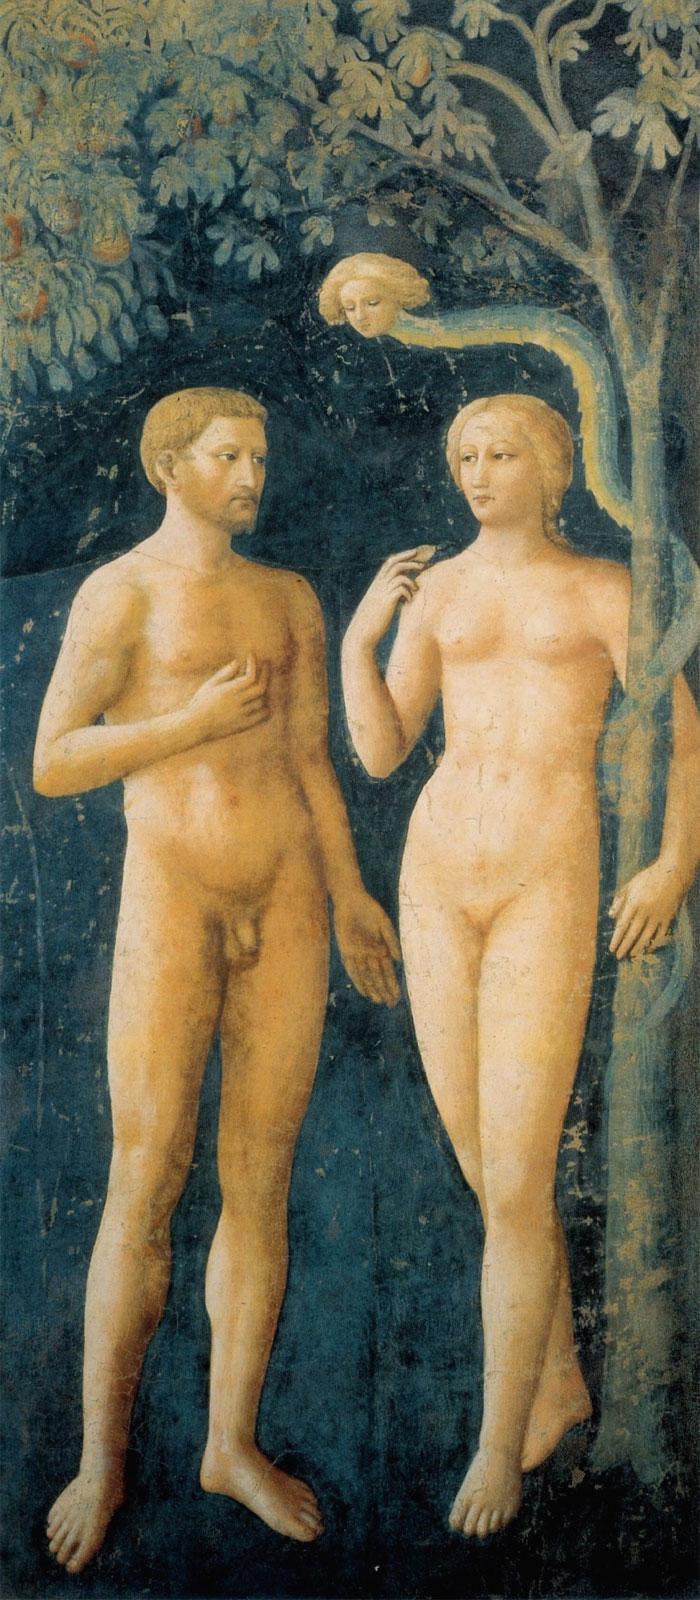 Masolino: La tentazione di Adamo ed Eva (1424, 1425)